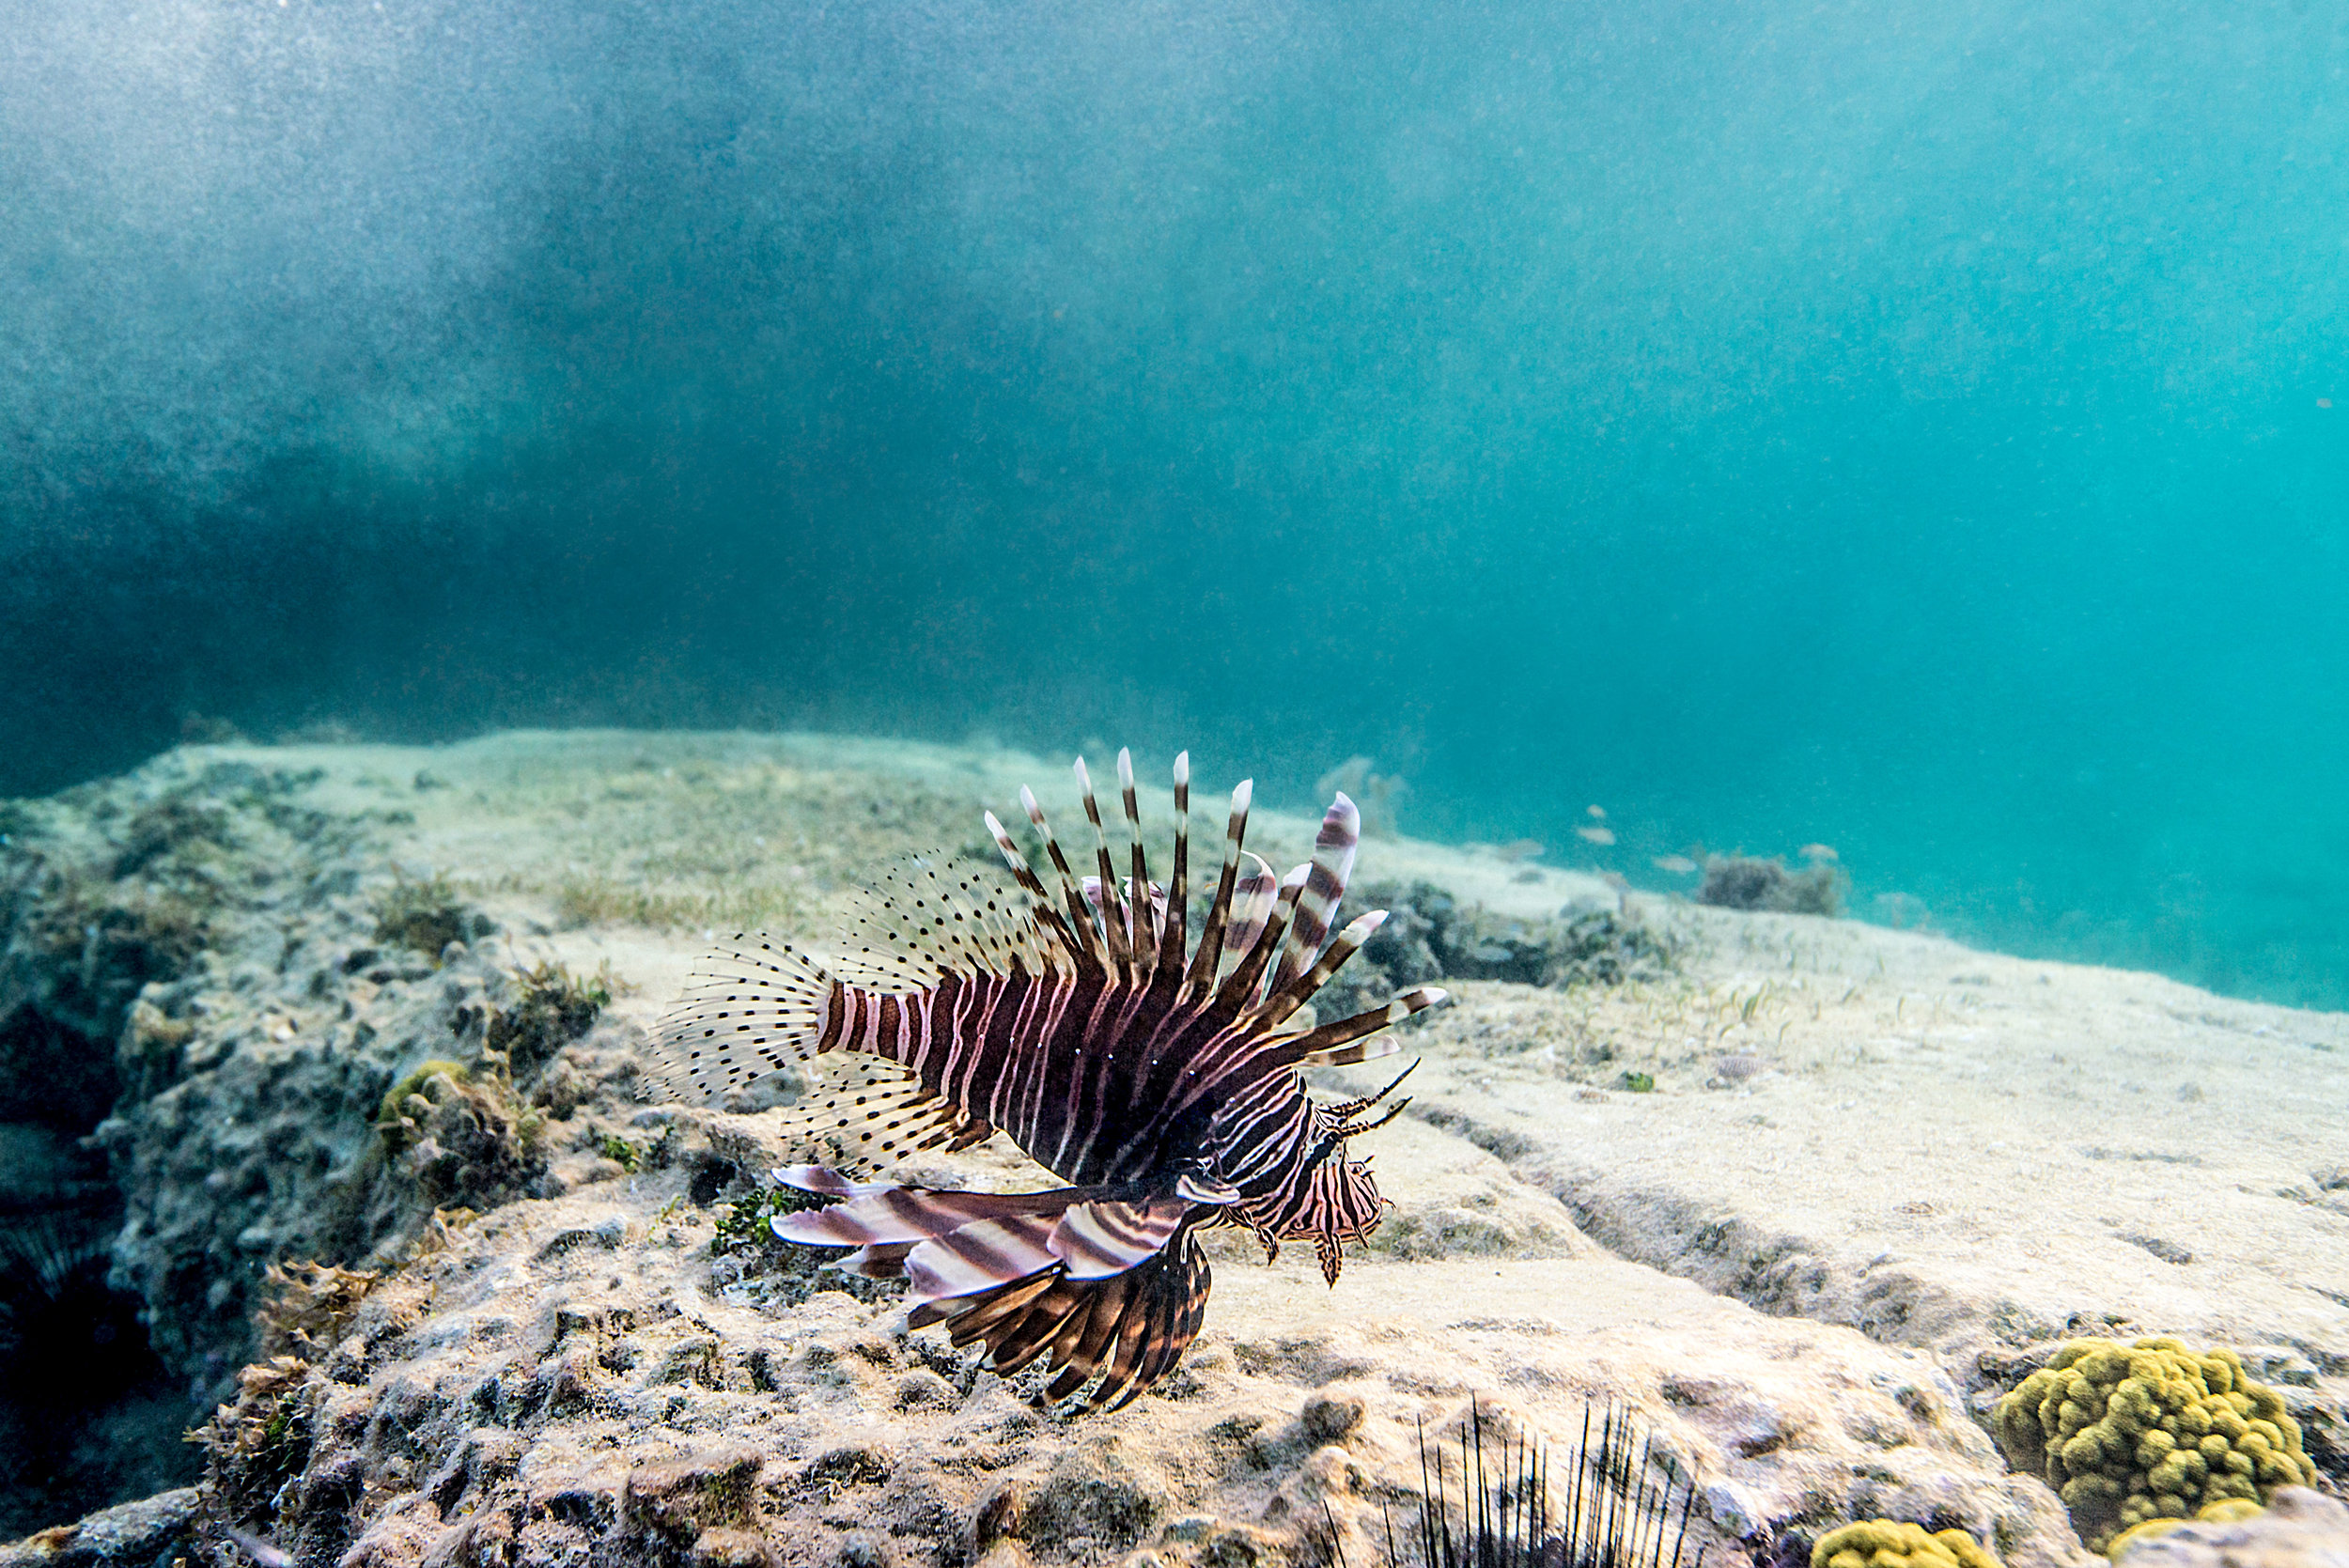 Bahamas_Lionfish.jpg